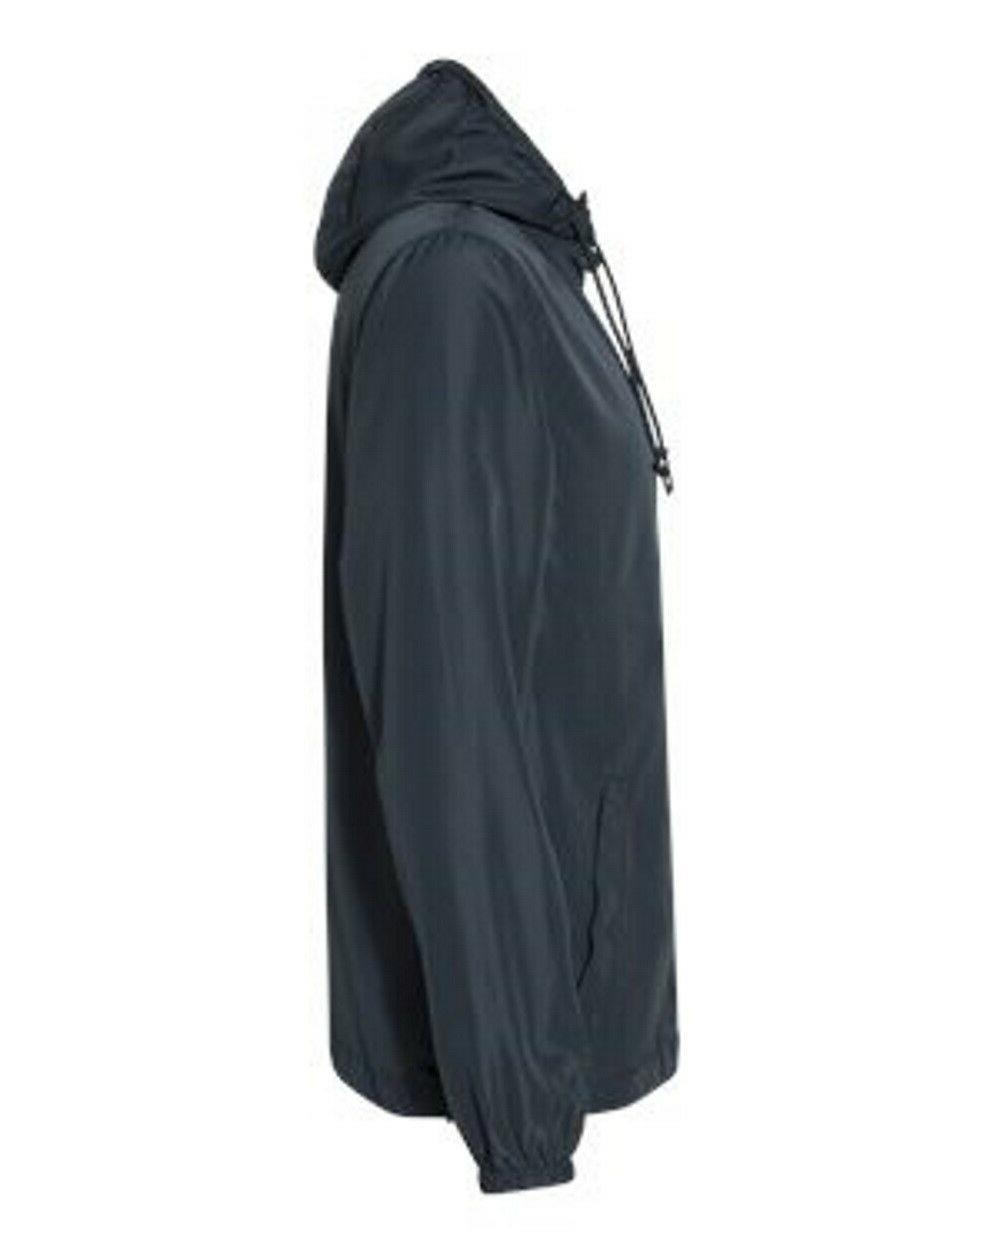 USPS Windbreaker/Rain Jacket